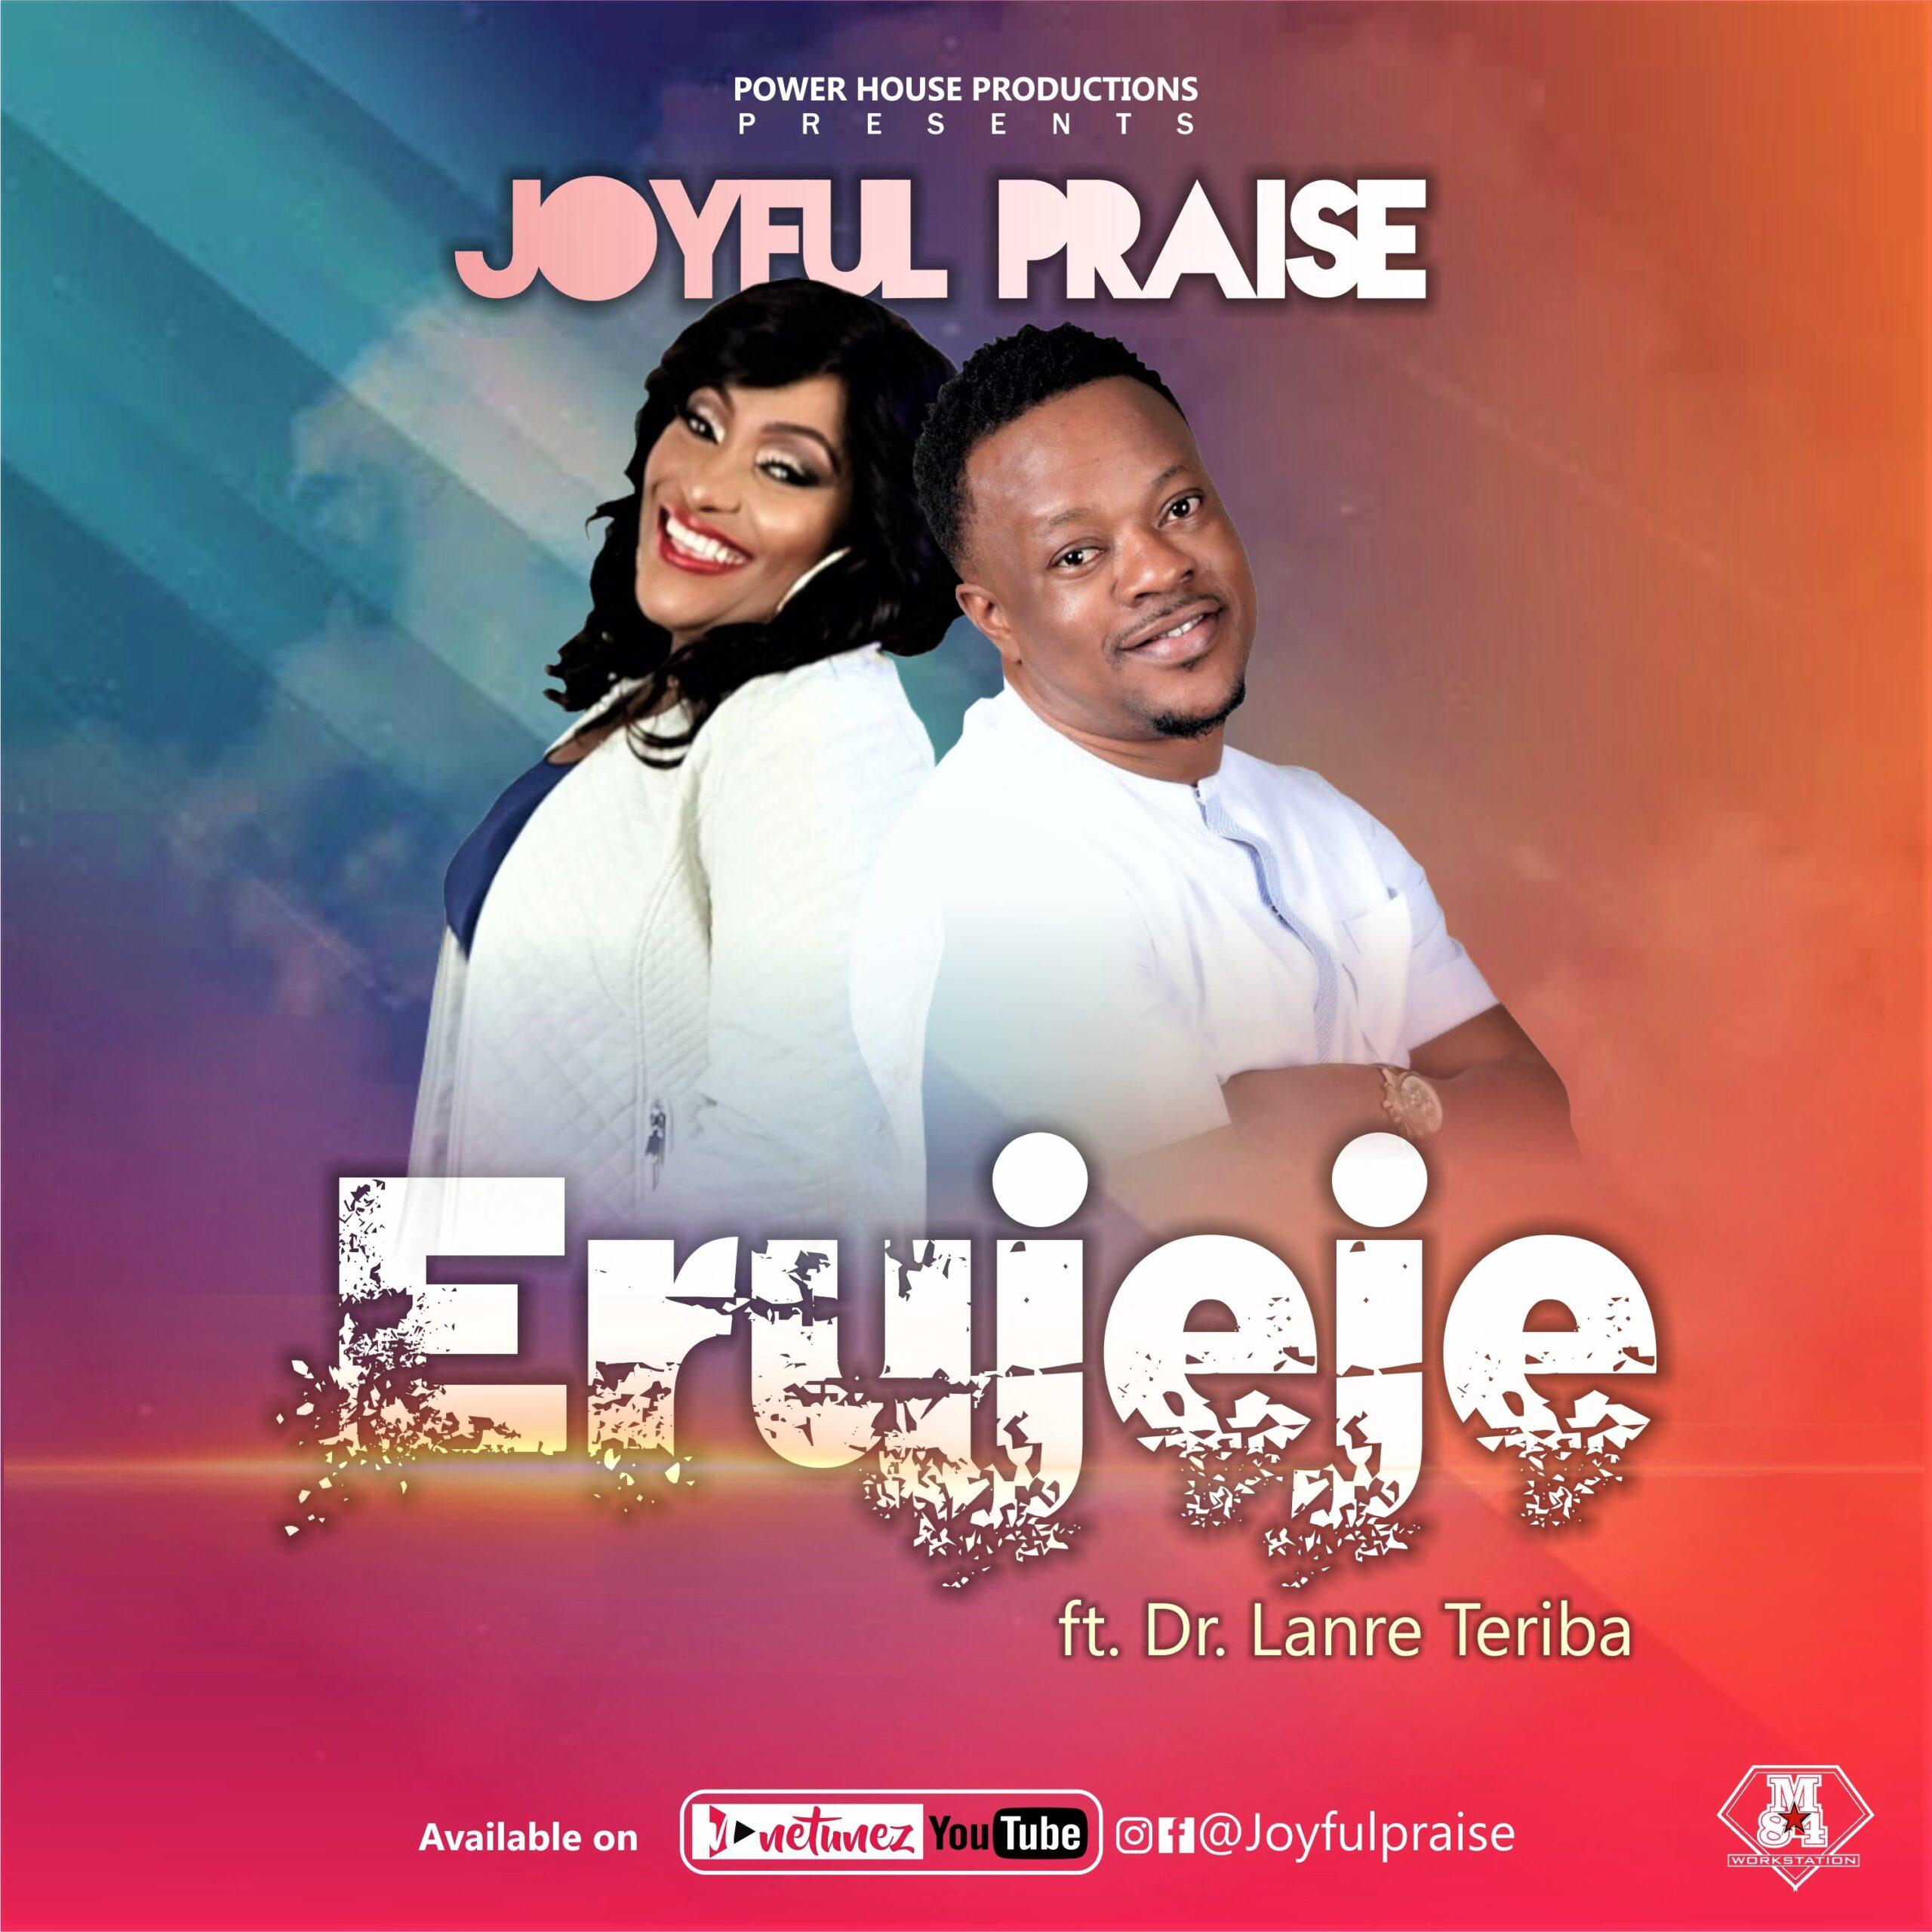 Joyful Praise Ft. Dr. Lanre Teriba - Erujeje